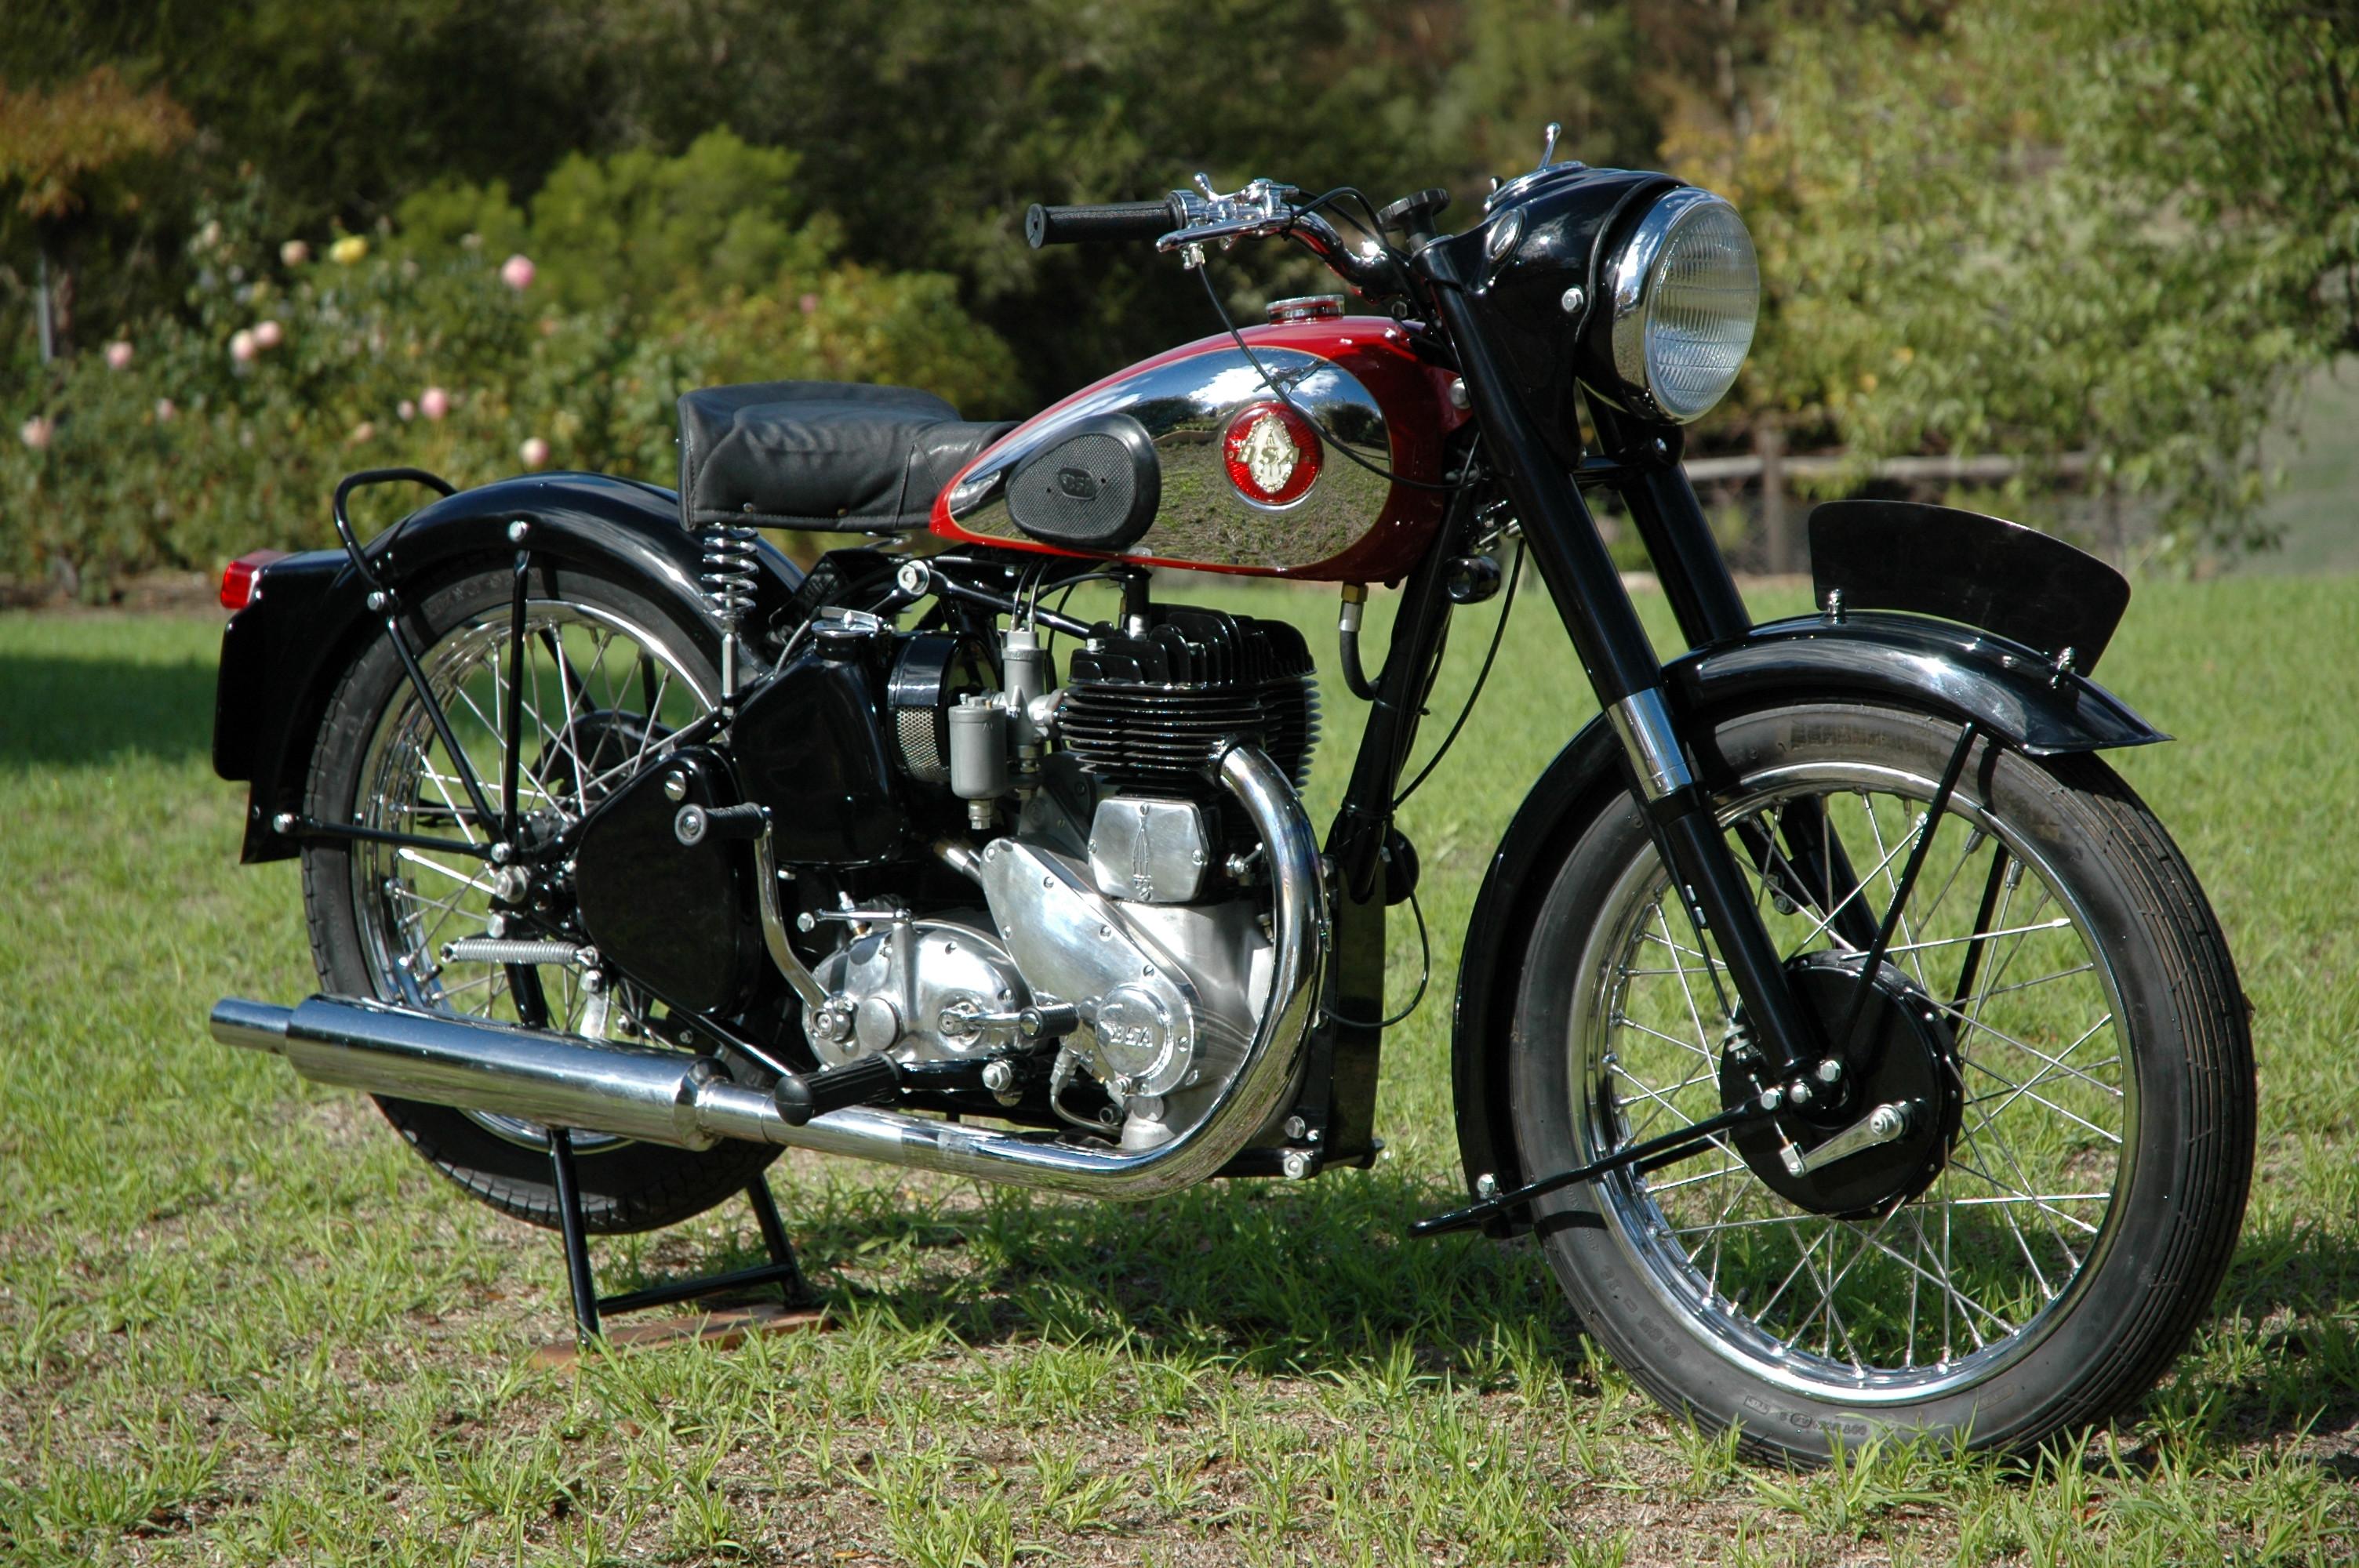 Tony S 1954 Bsa M21